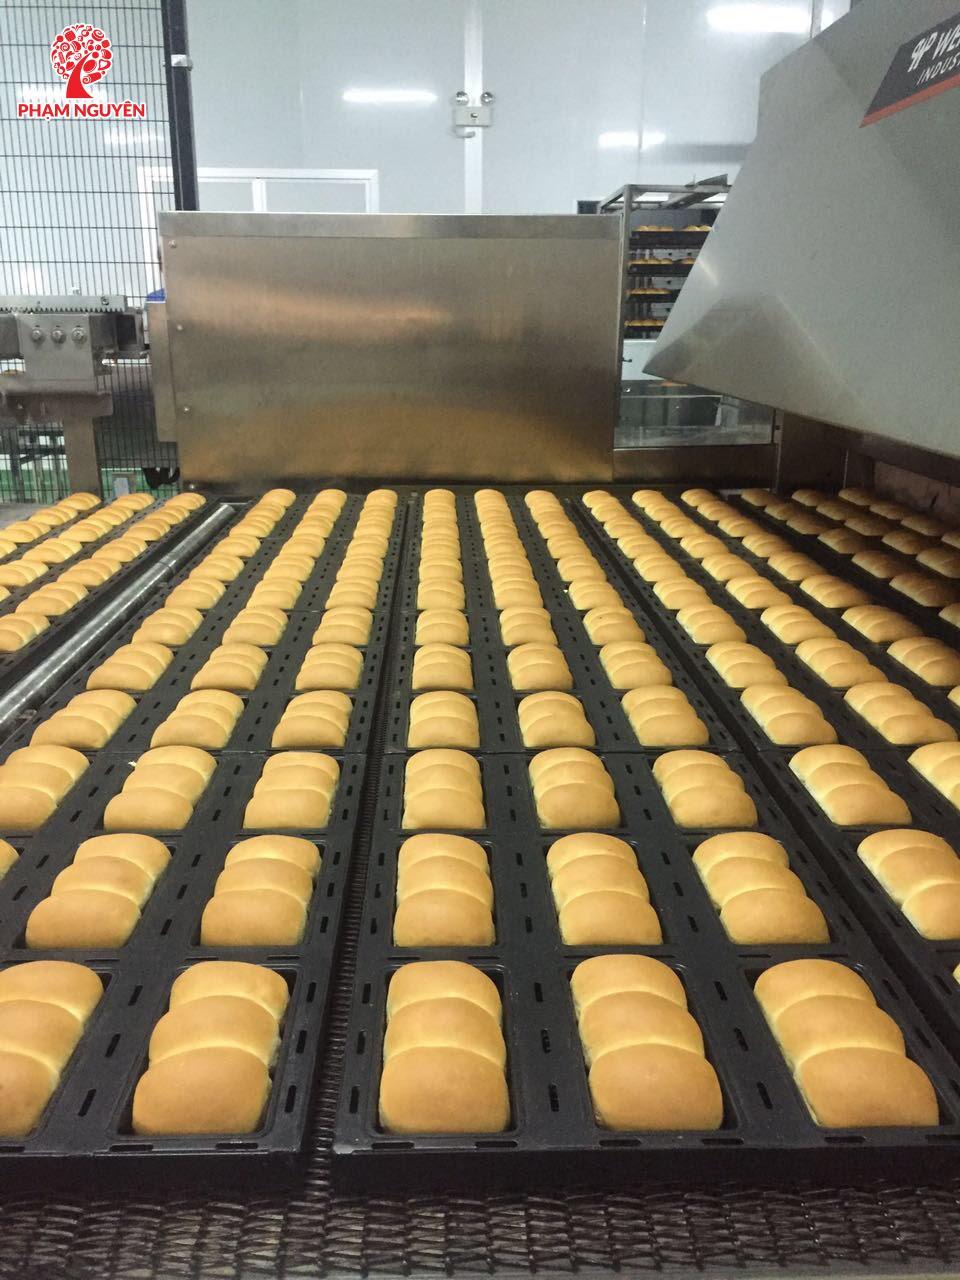 Dây chuyền sản xuất bánh mì được nhập trực tiếp từ châu Âu